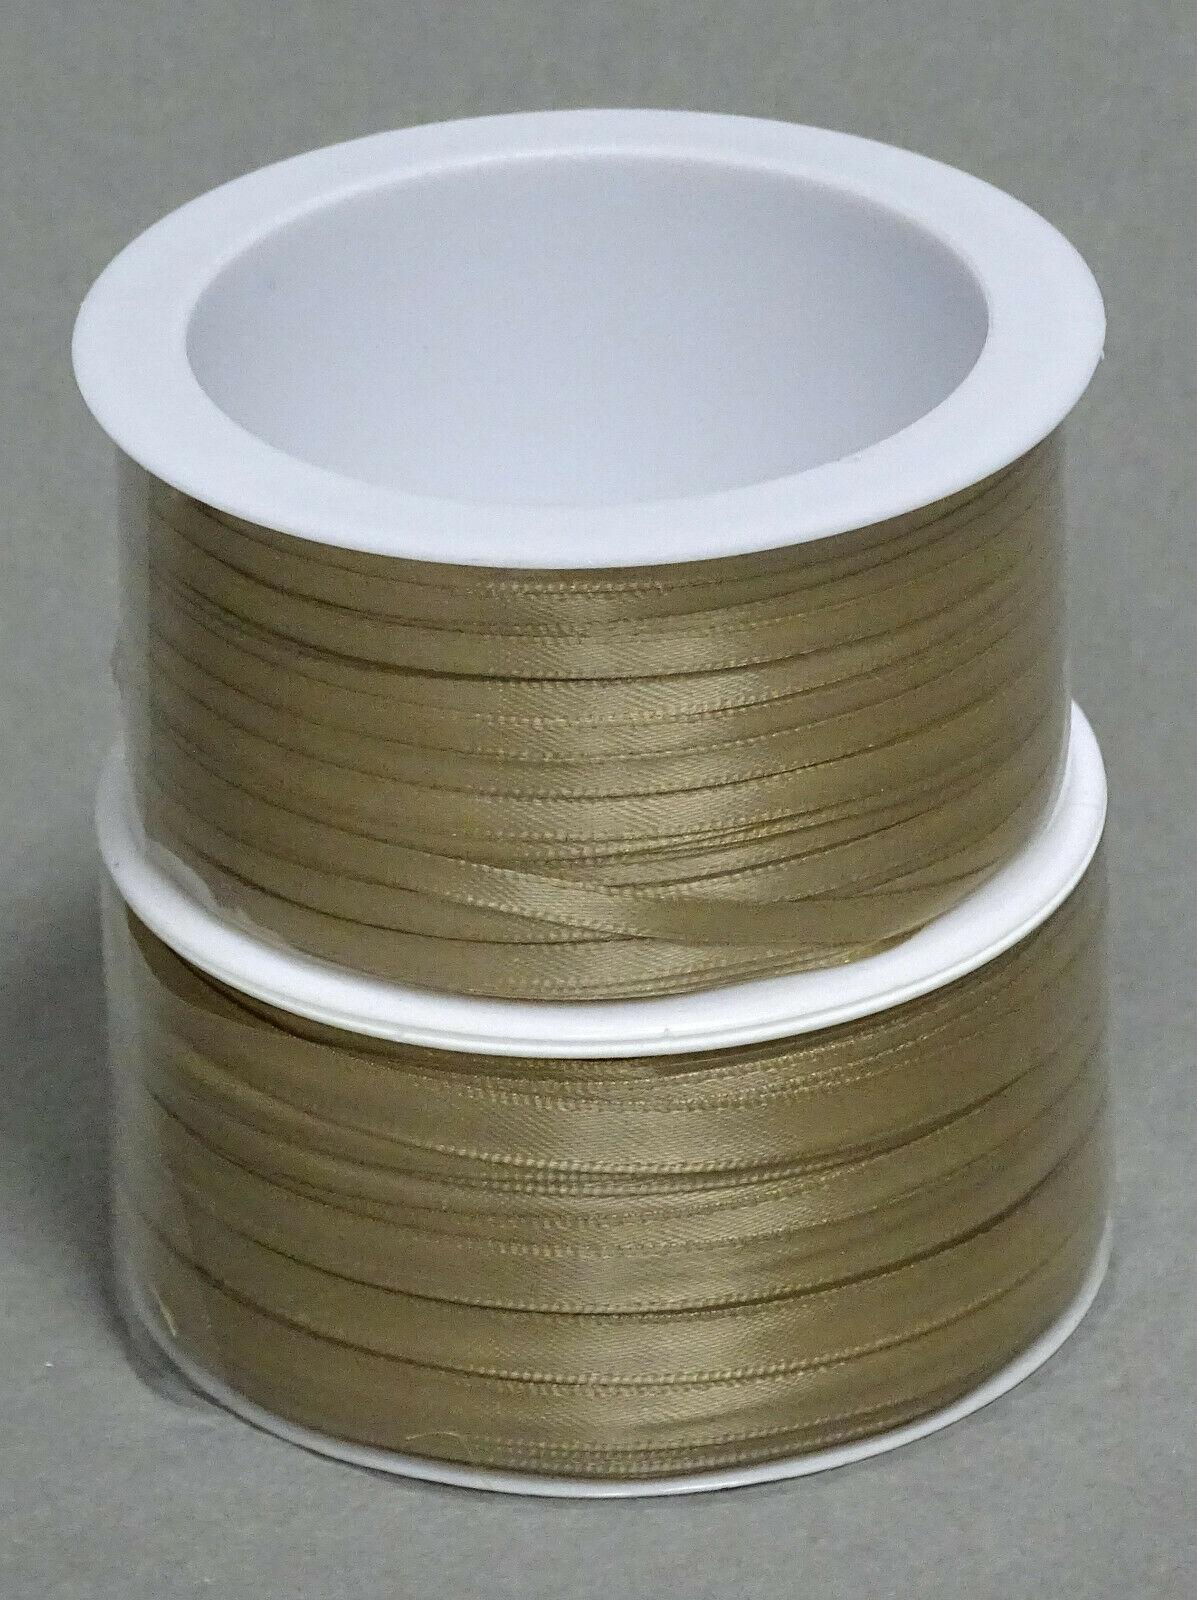 Satinband Schleifenband 50m x 3mm / 6mm Dekoband ab 0,05 €/m Geschenkband Rolle - Cappuccino105, 3 mm x 50 m